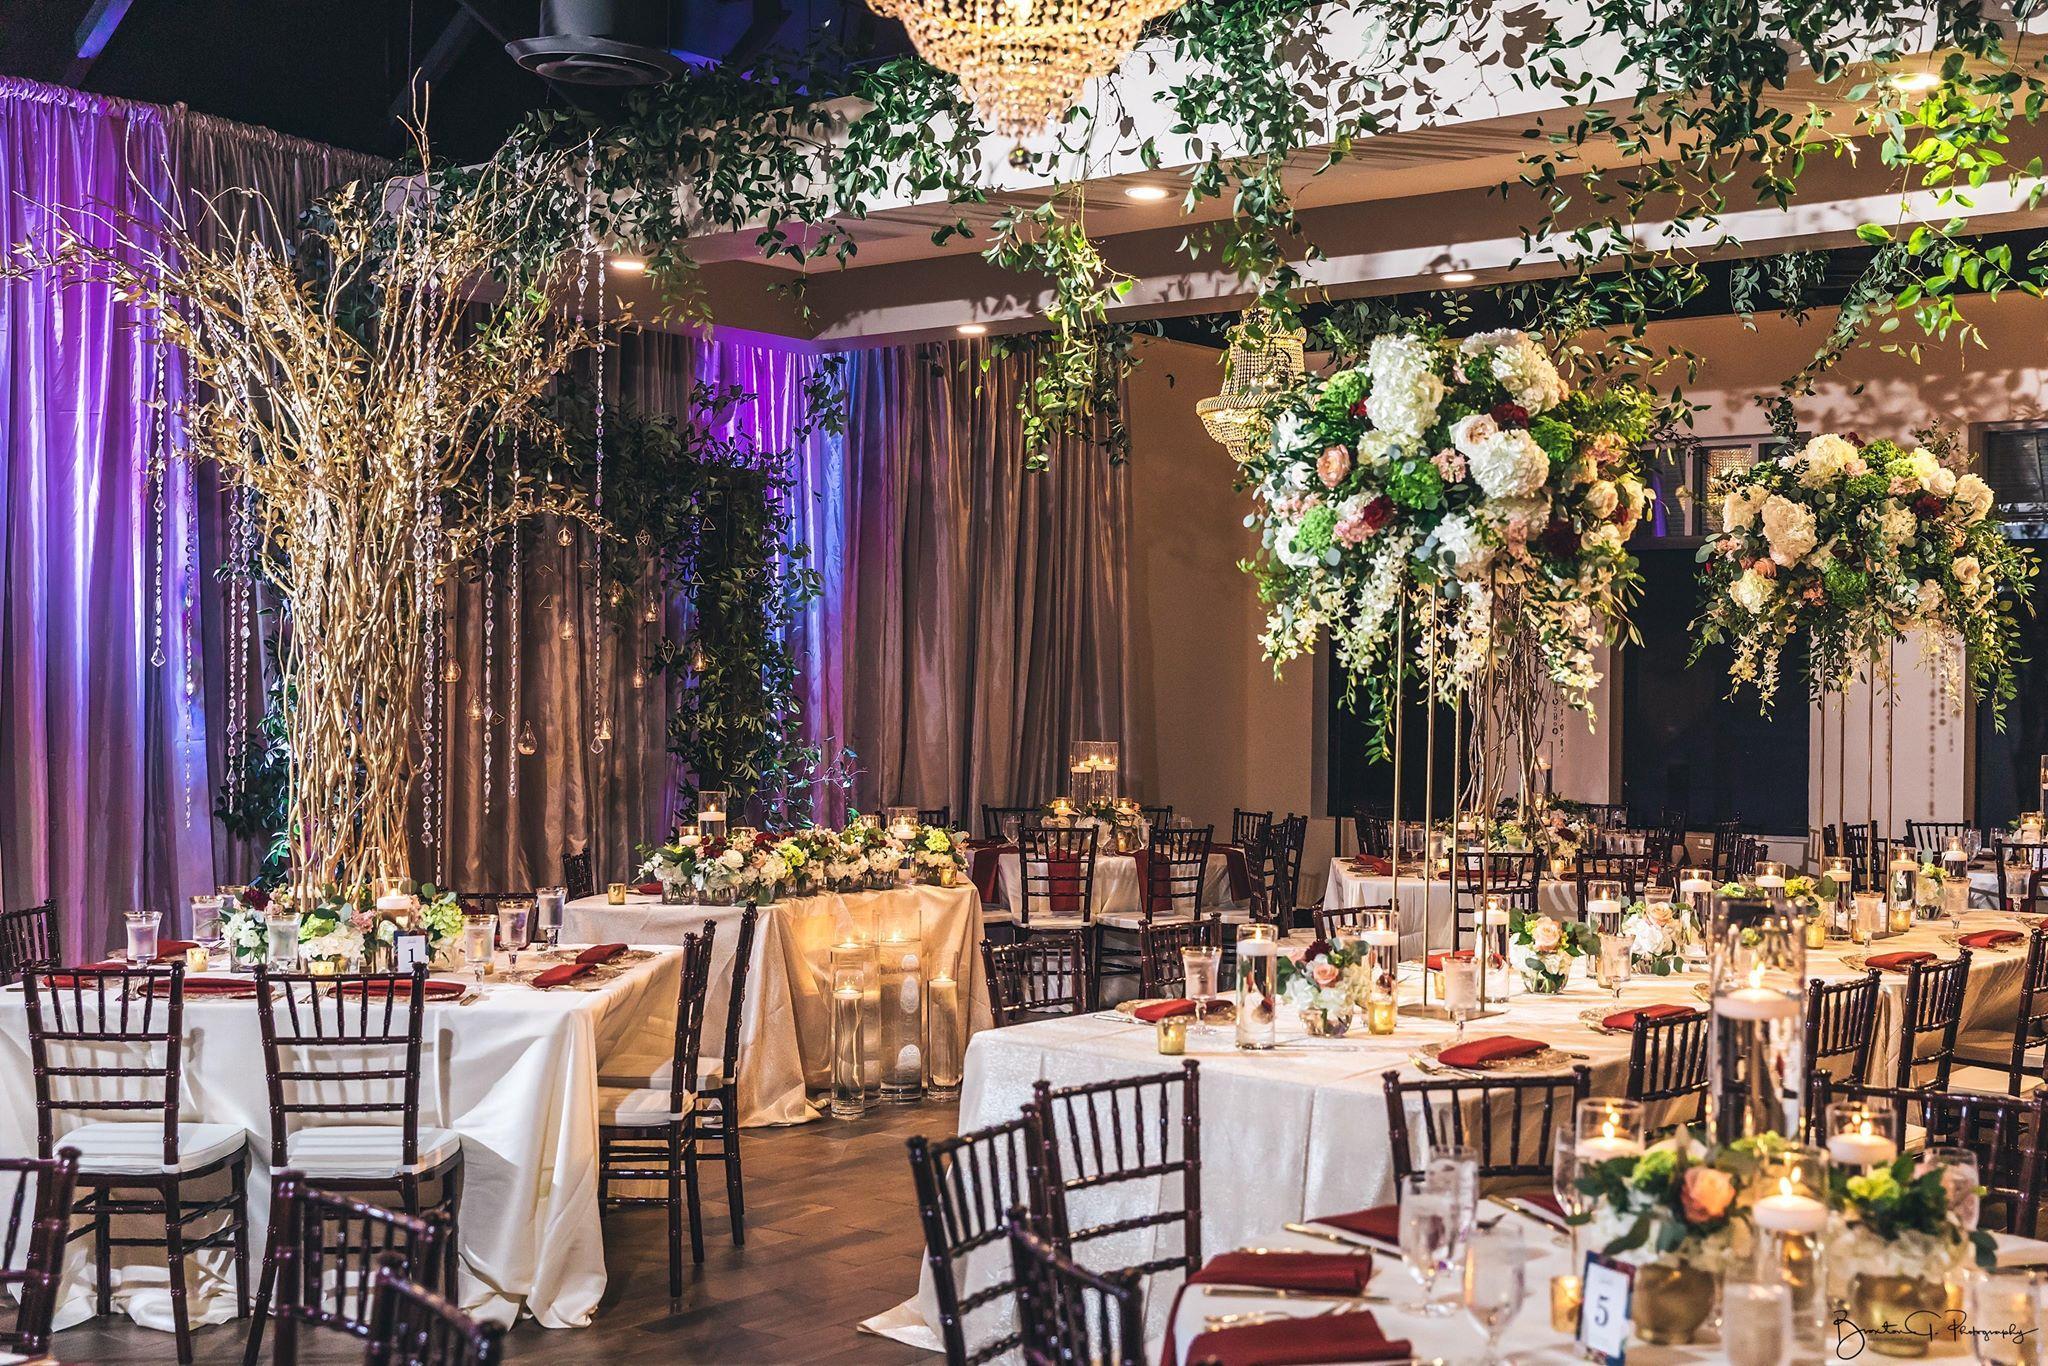 Banquet Halls in Richmond Hill, Banquet Hall in Vaughan